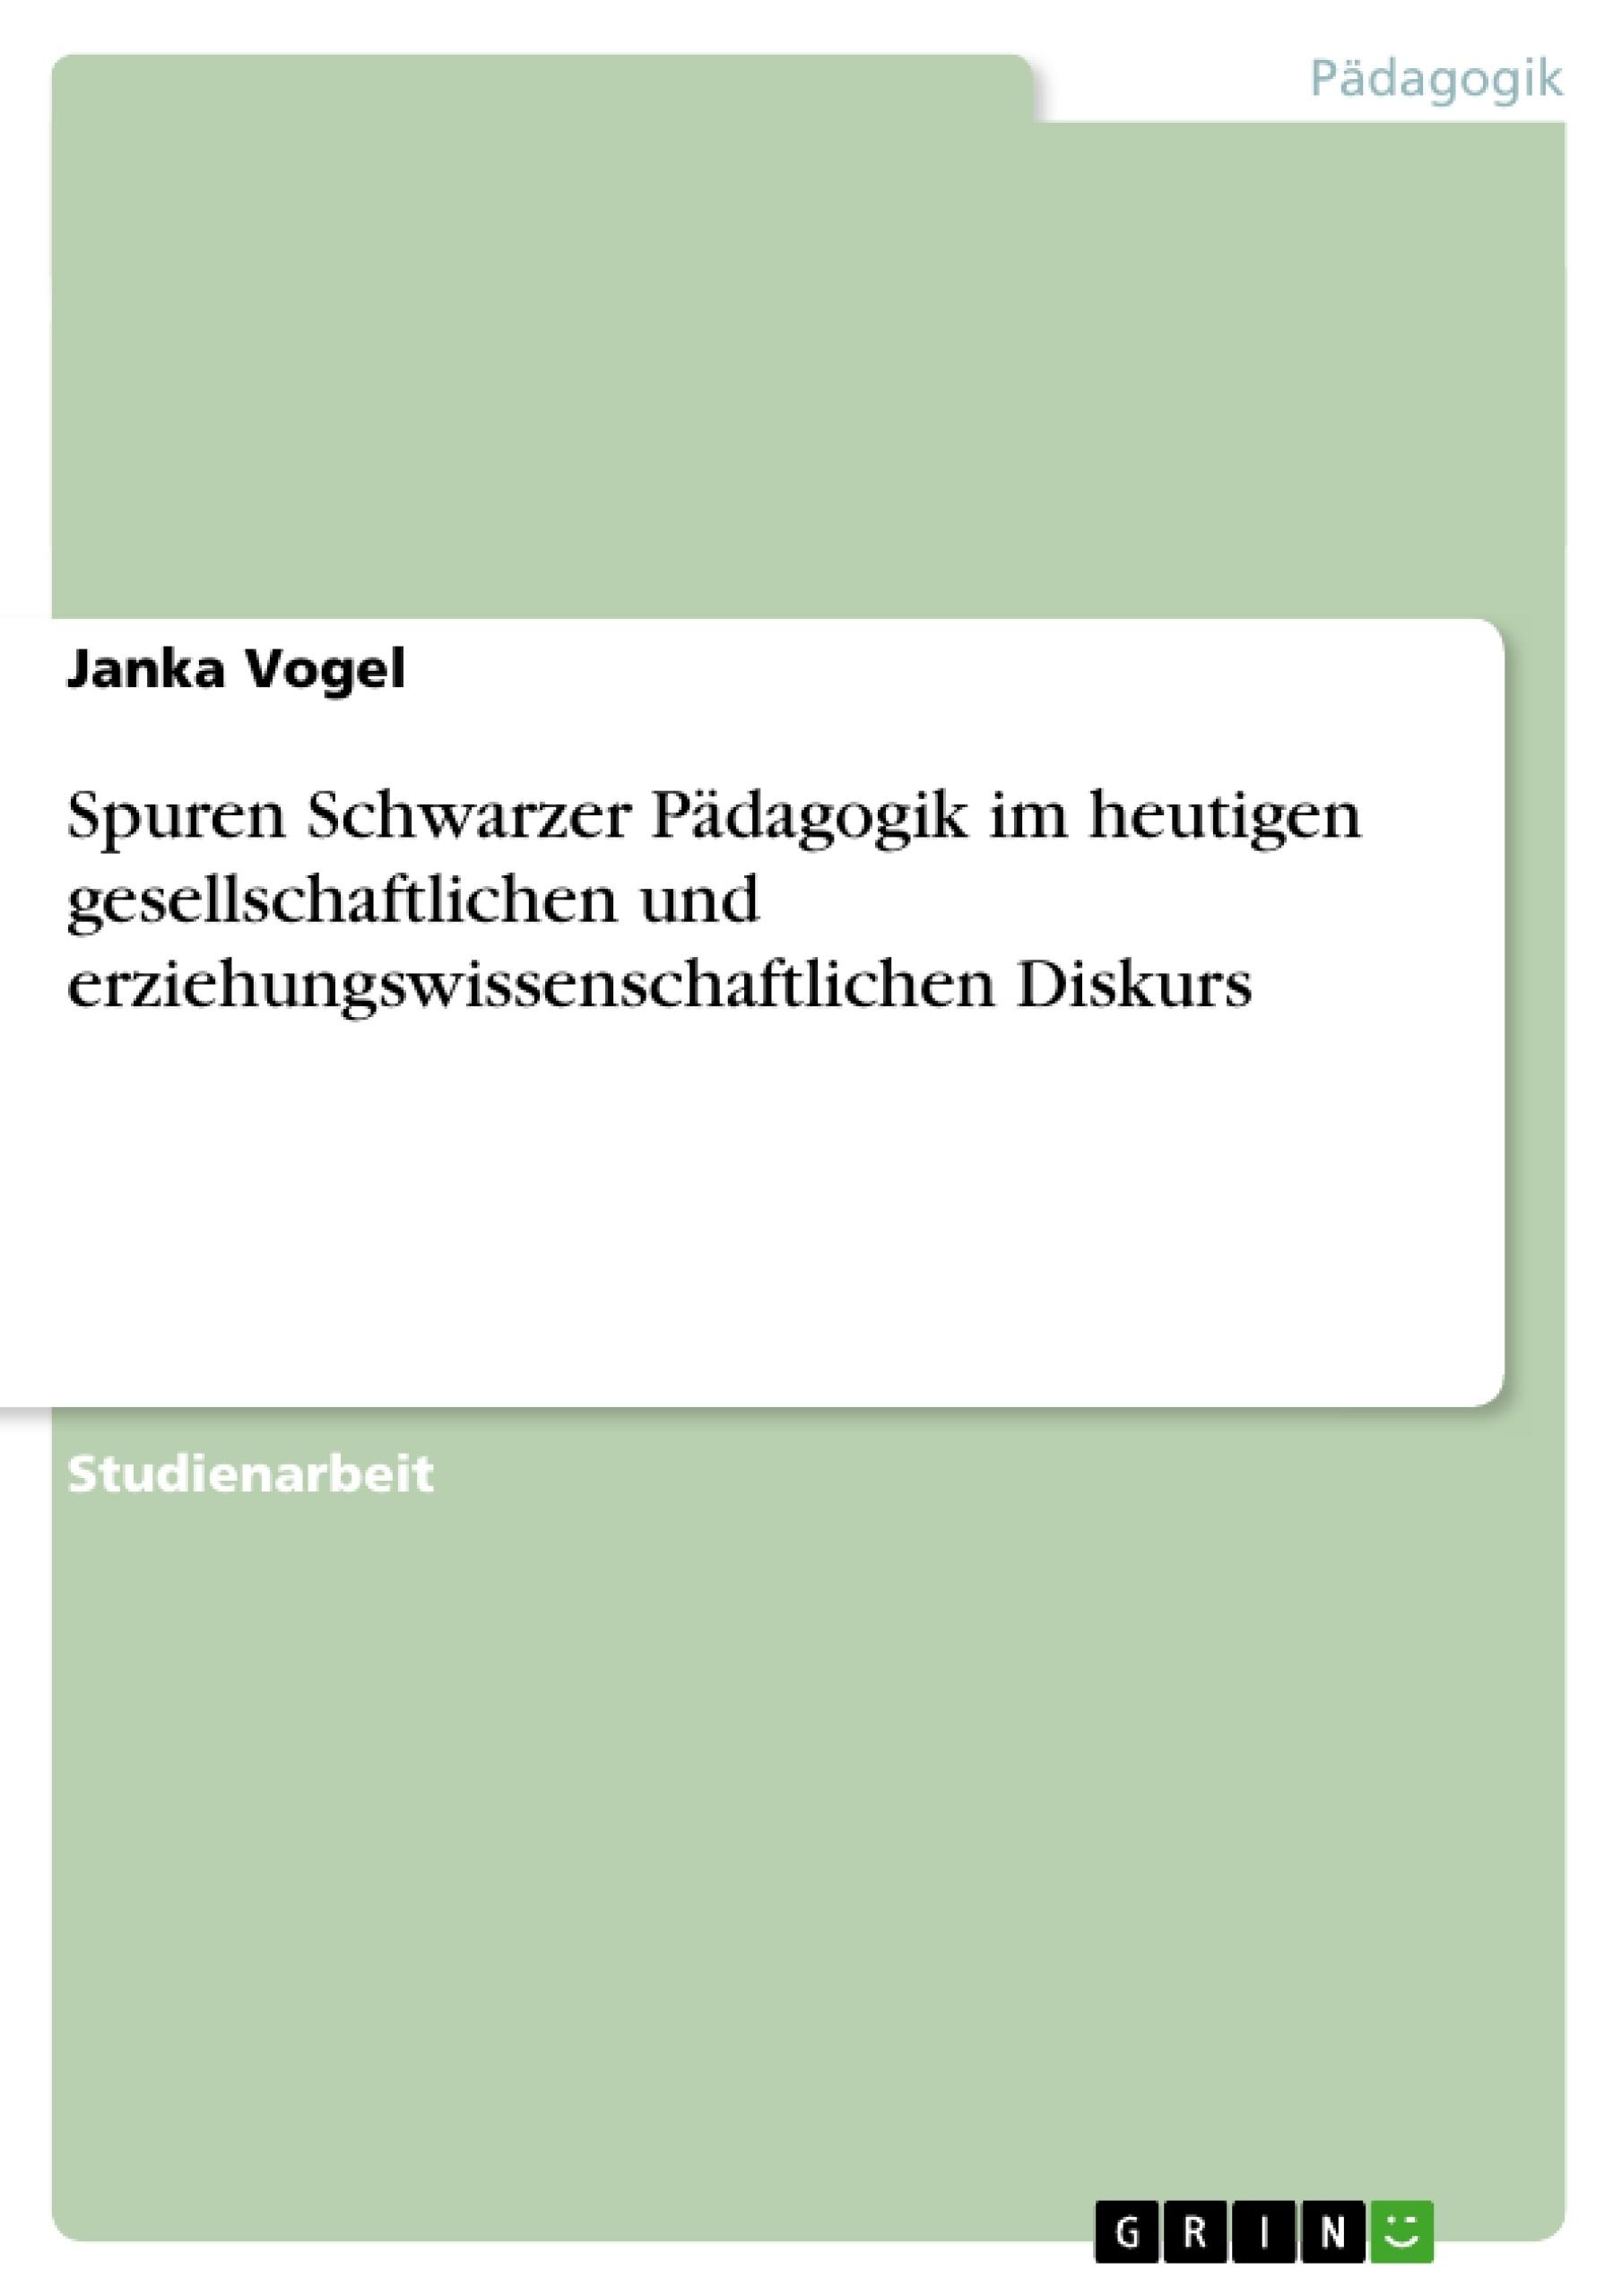 Spuren Schwarzer Pädagogik im heutigen gesellschaftlichen und ...